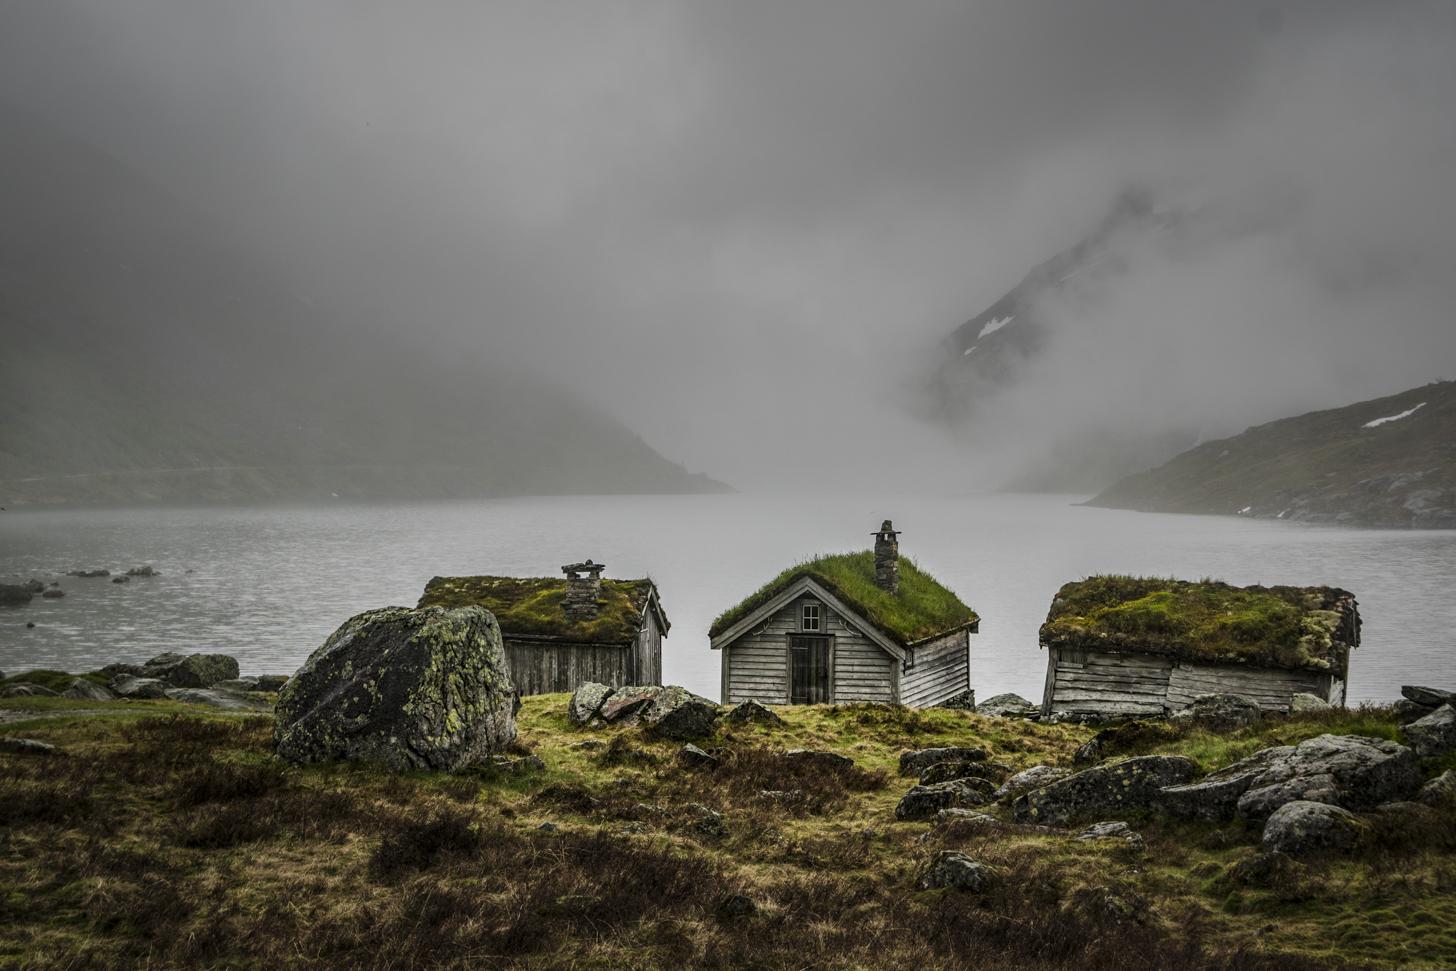 Lake Nystølsvatnet, Norway